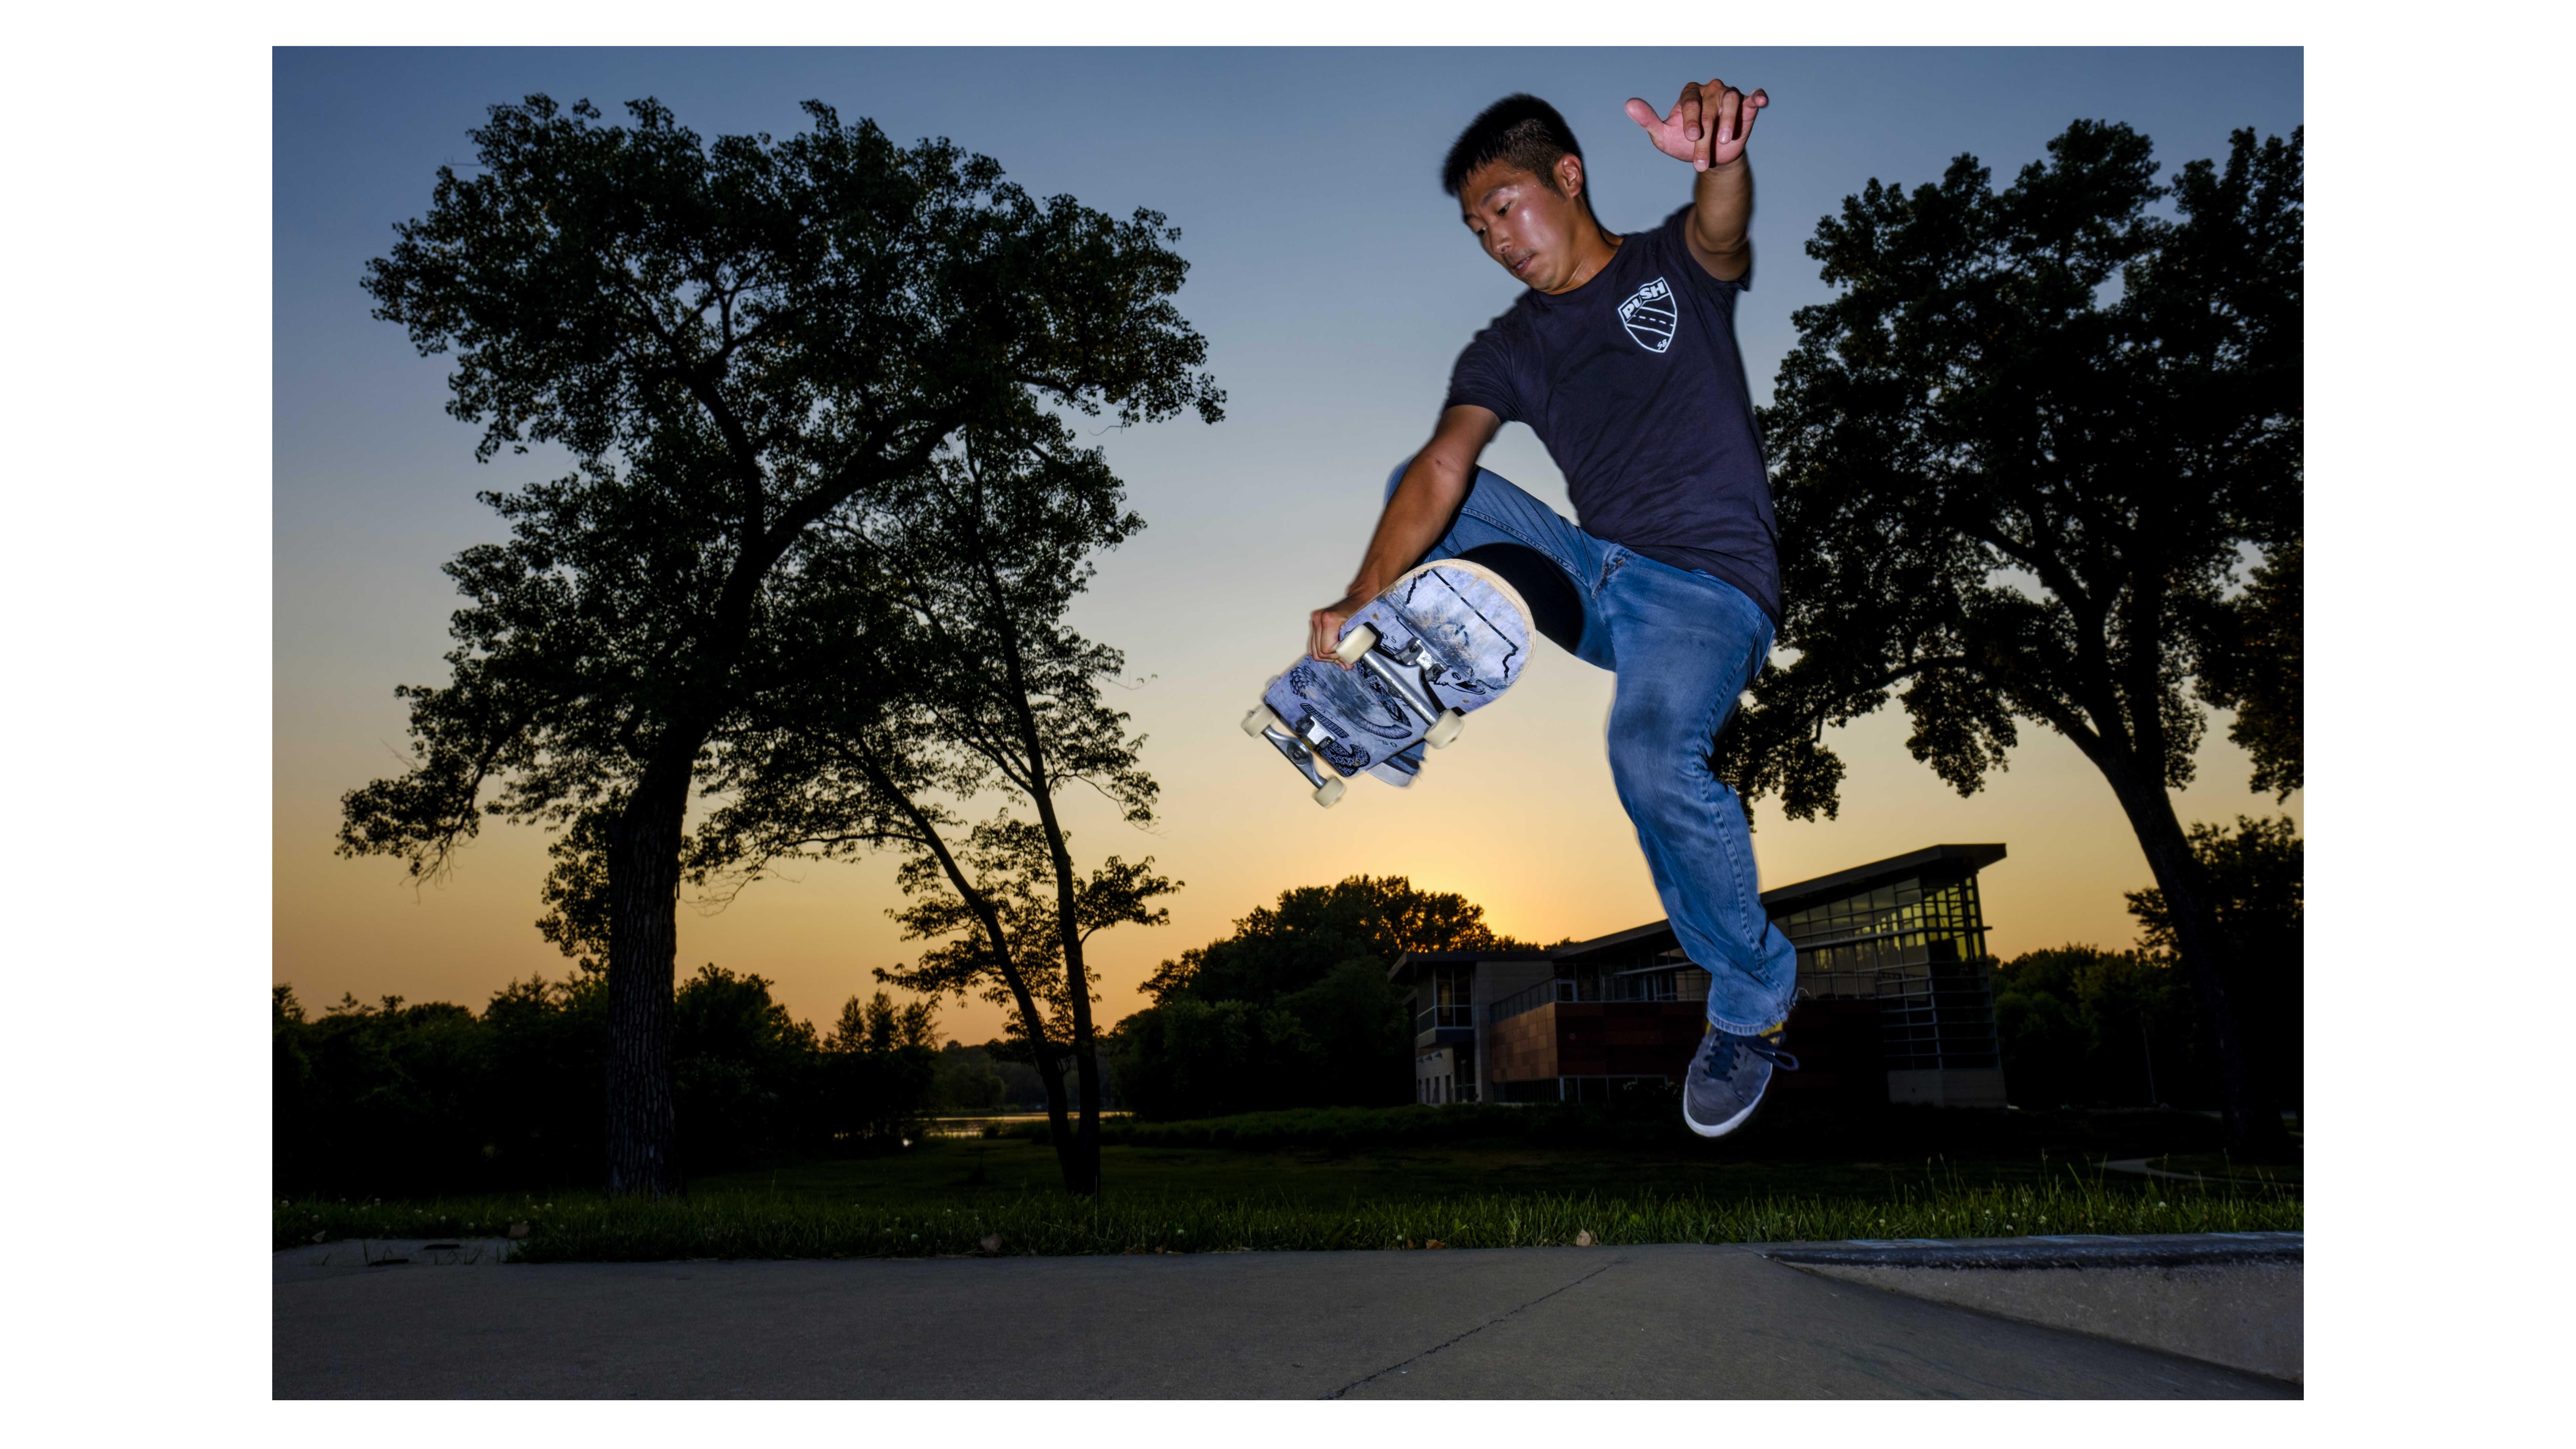 Pushing local skateboarding